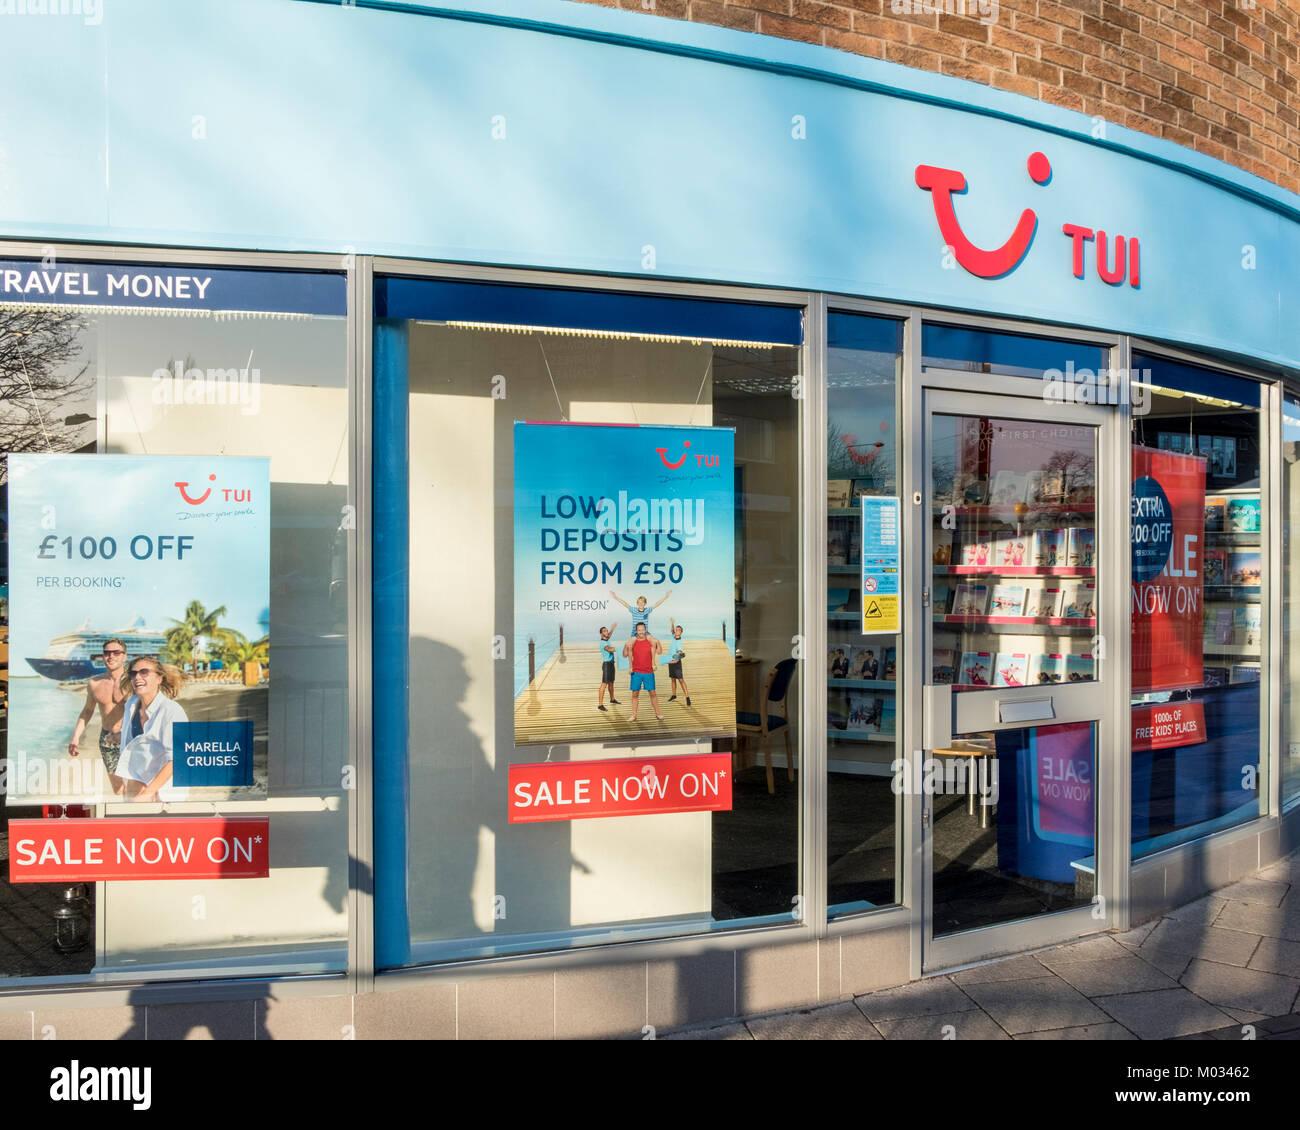 Tui travel agency, Nottinghamshire, England, UK - Stock Image